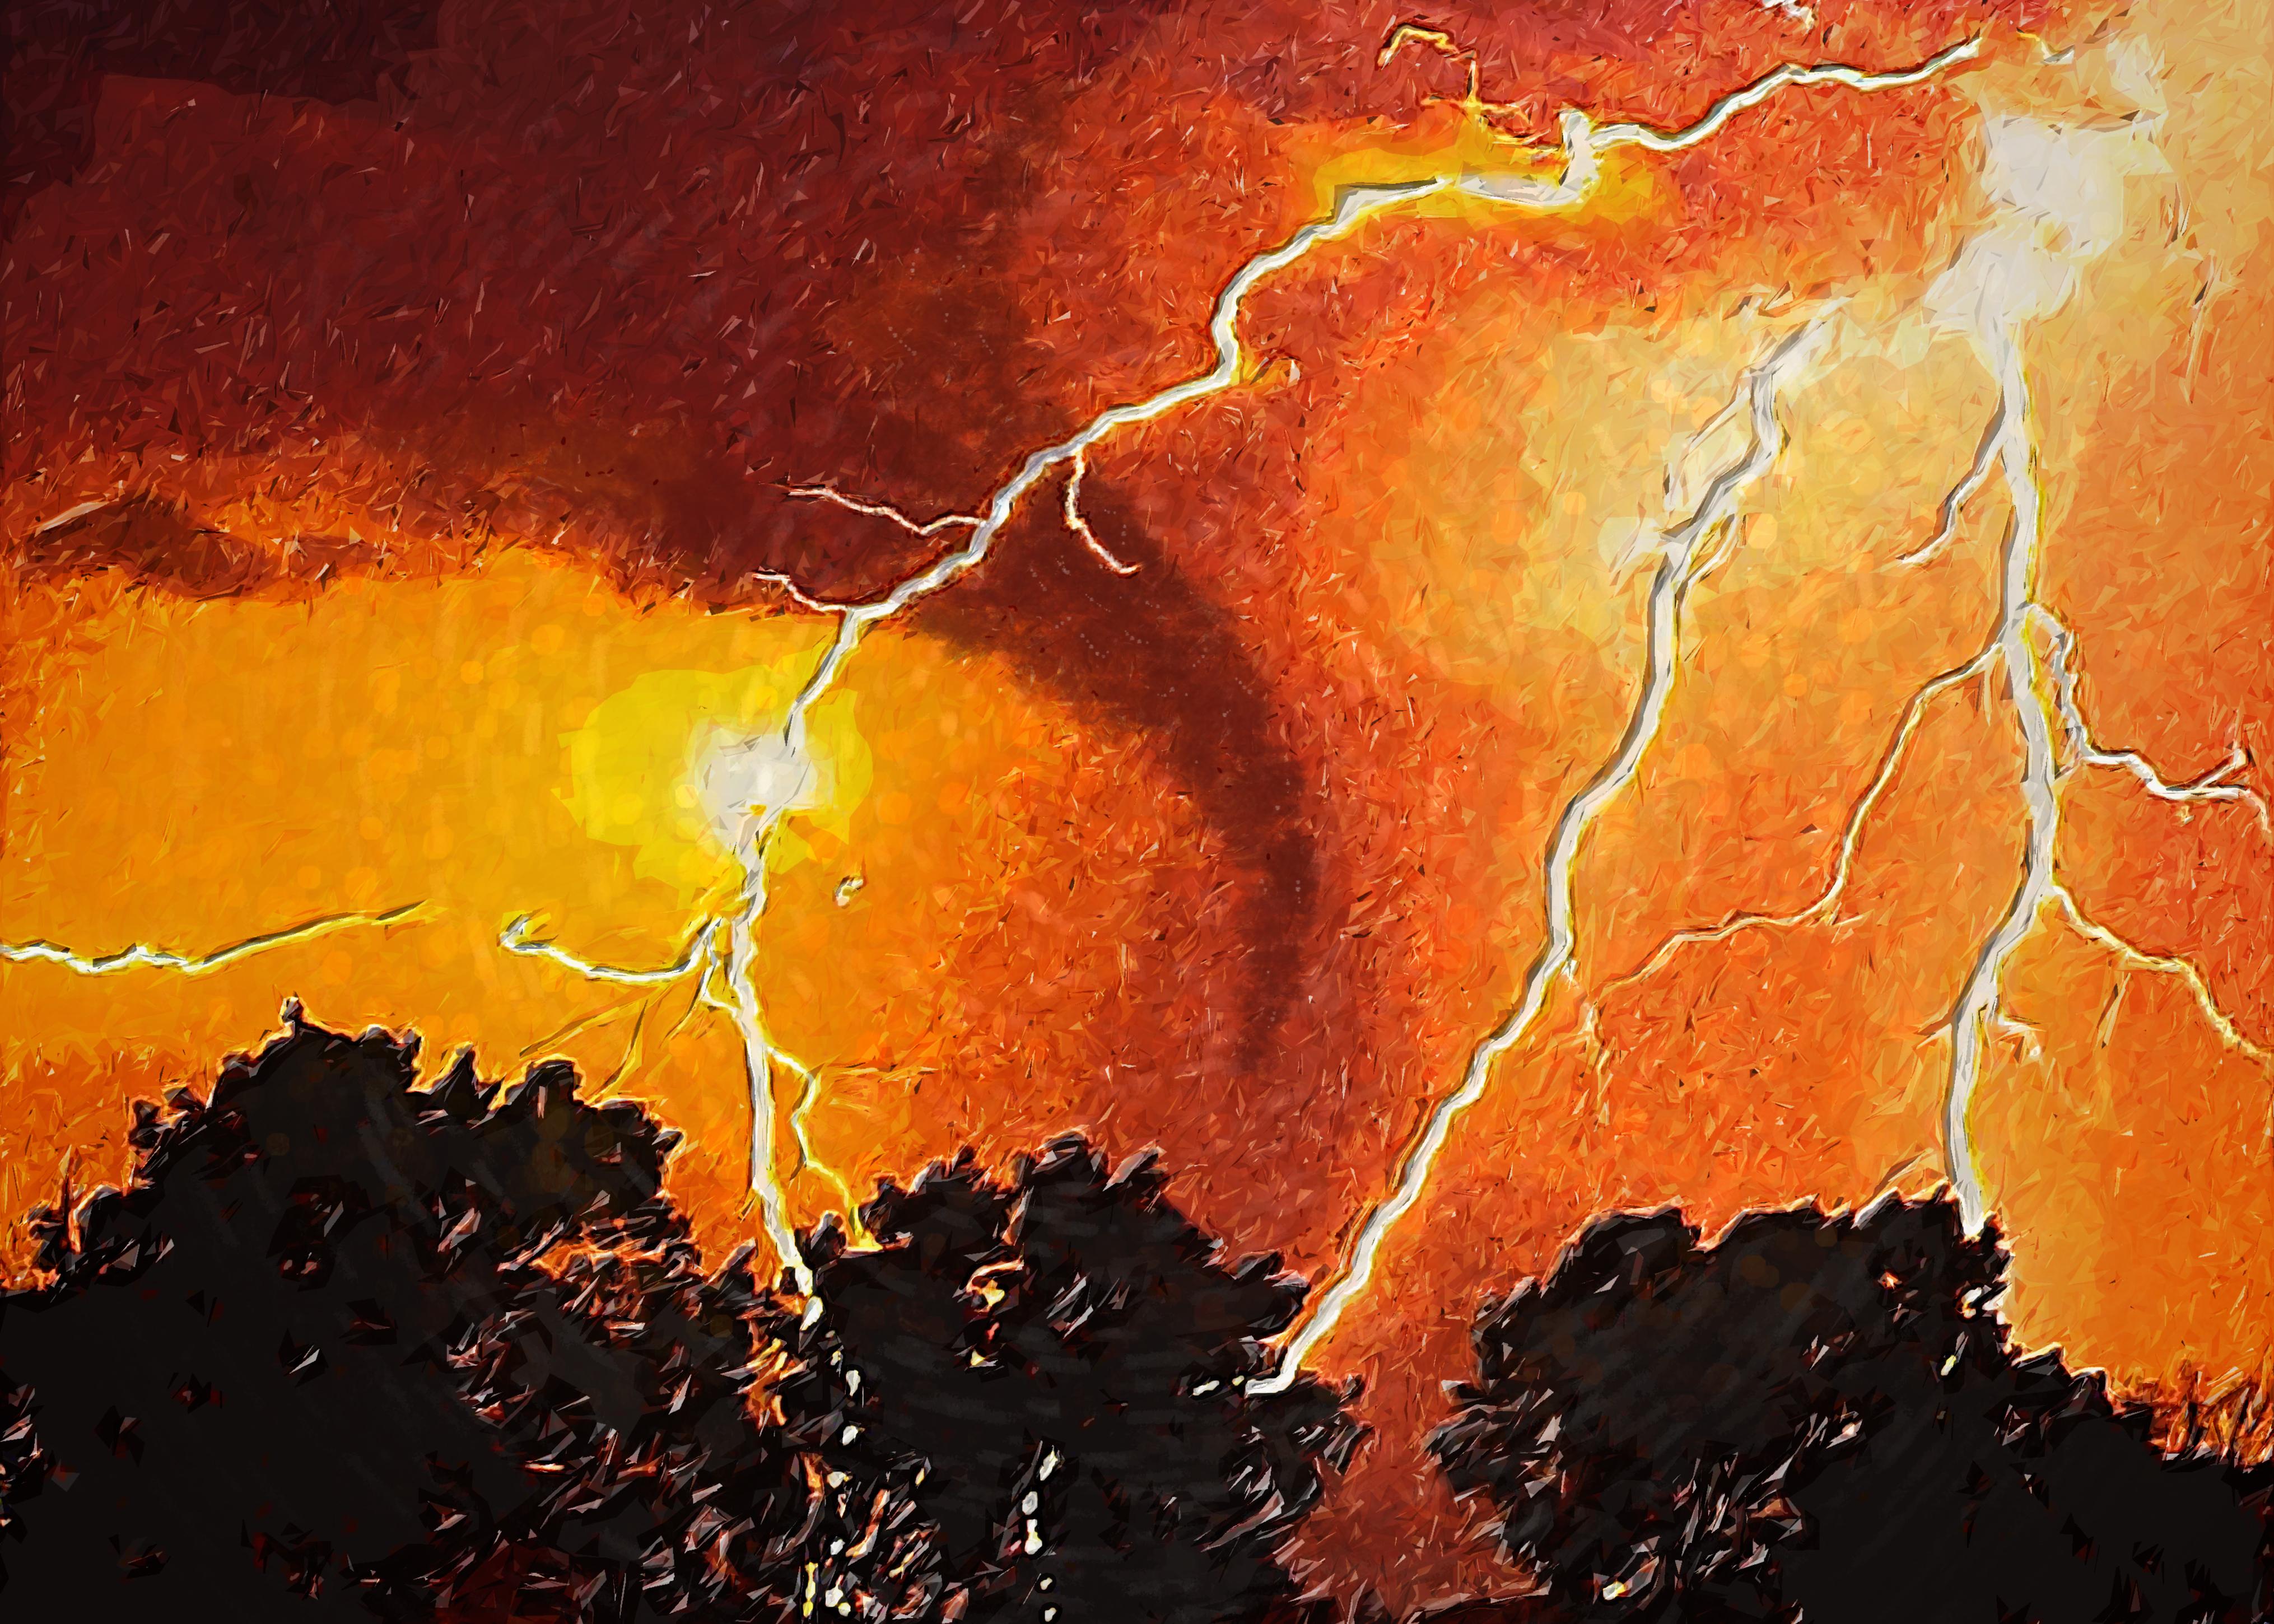 LightningTornado